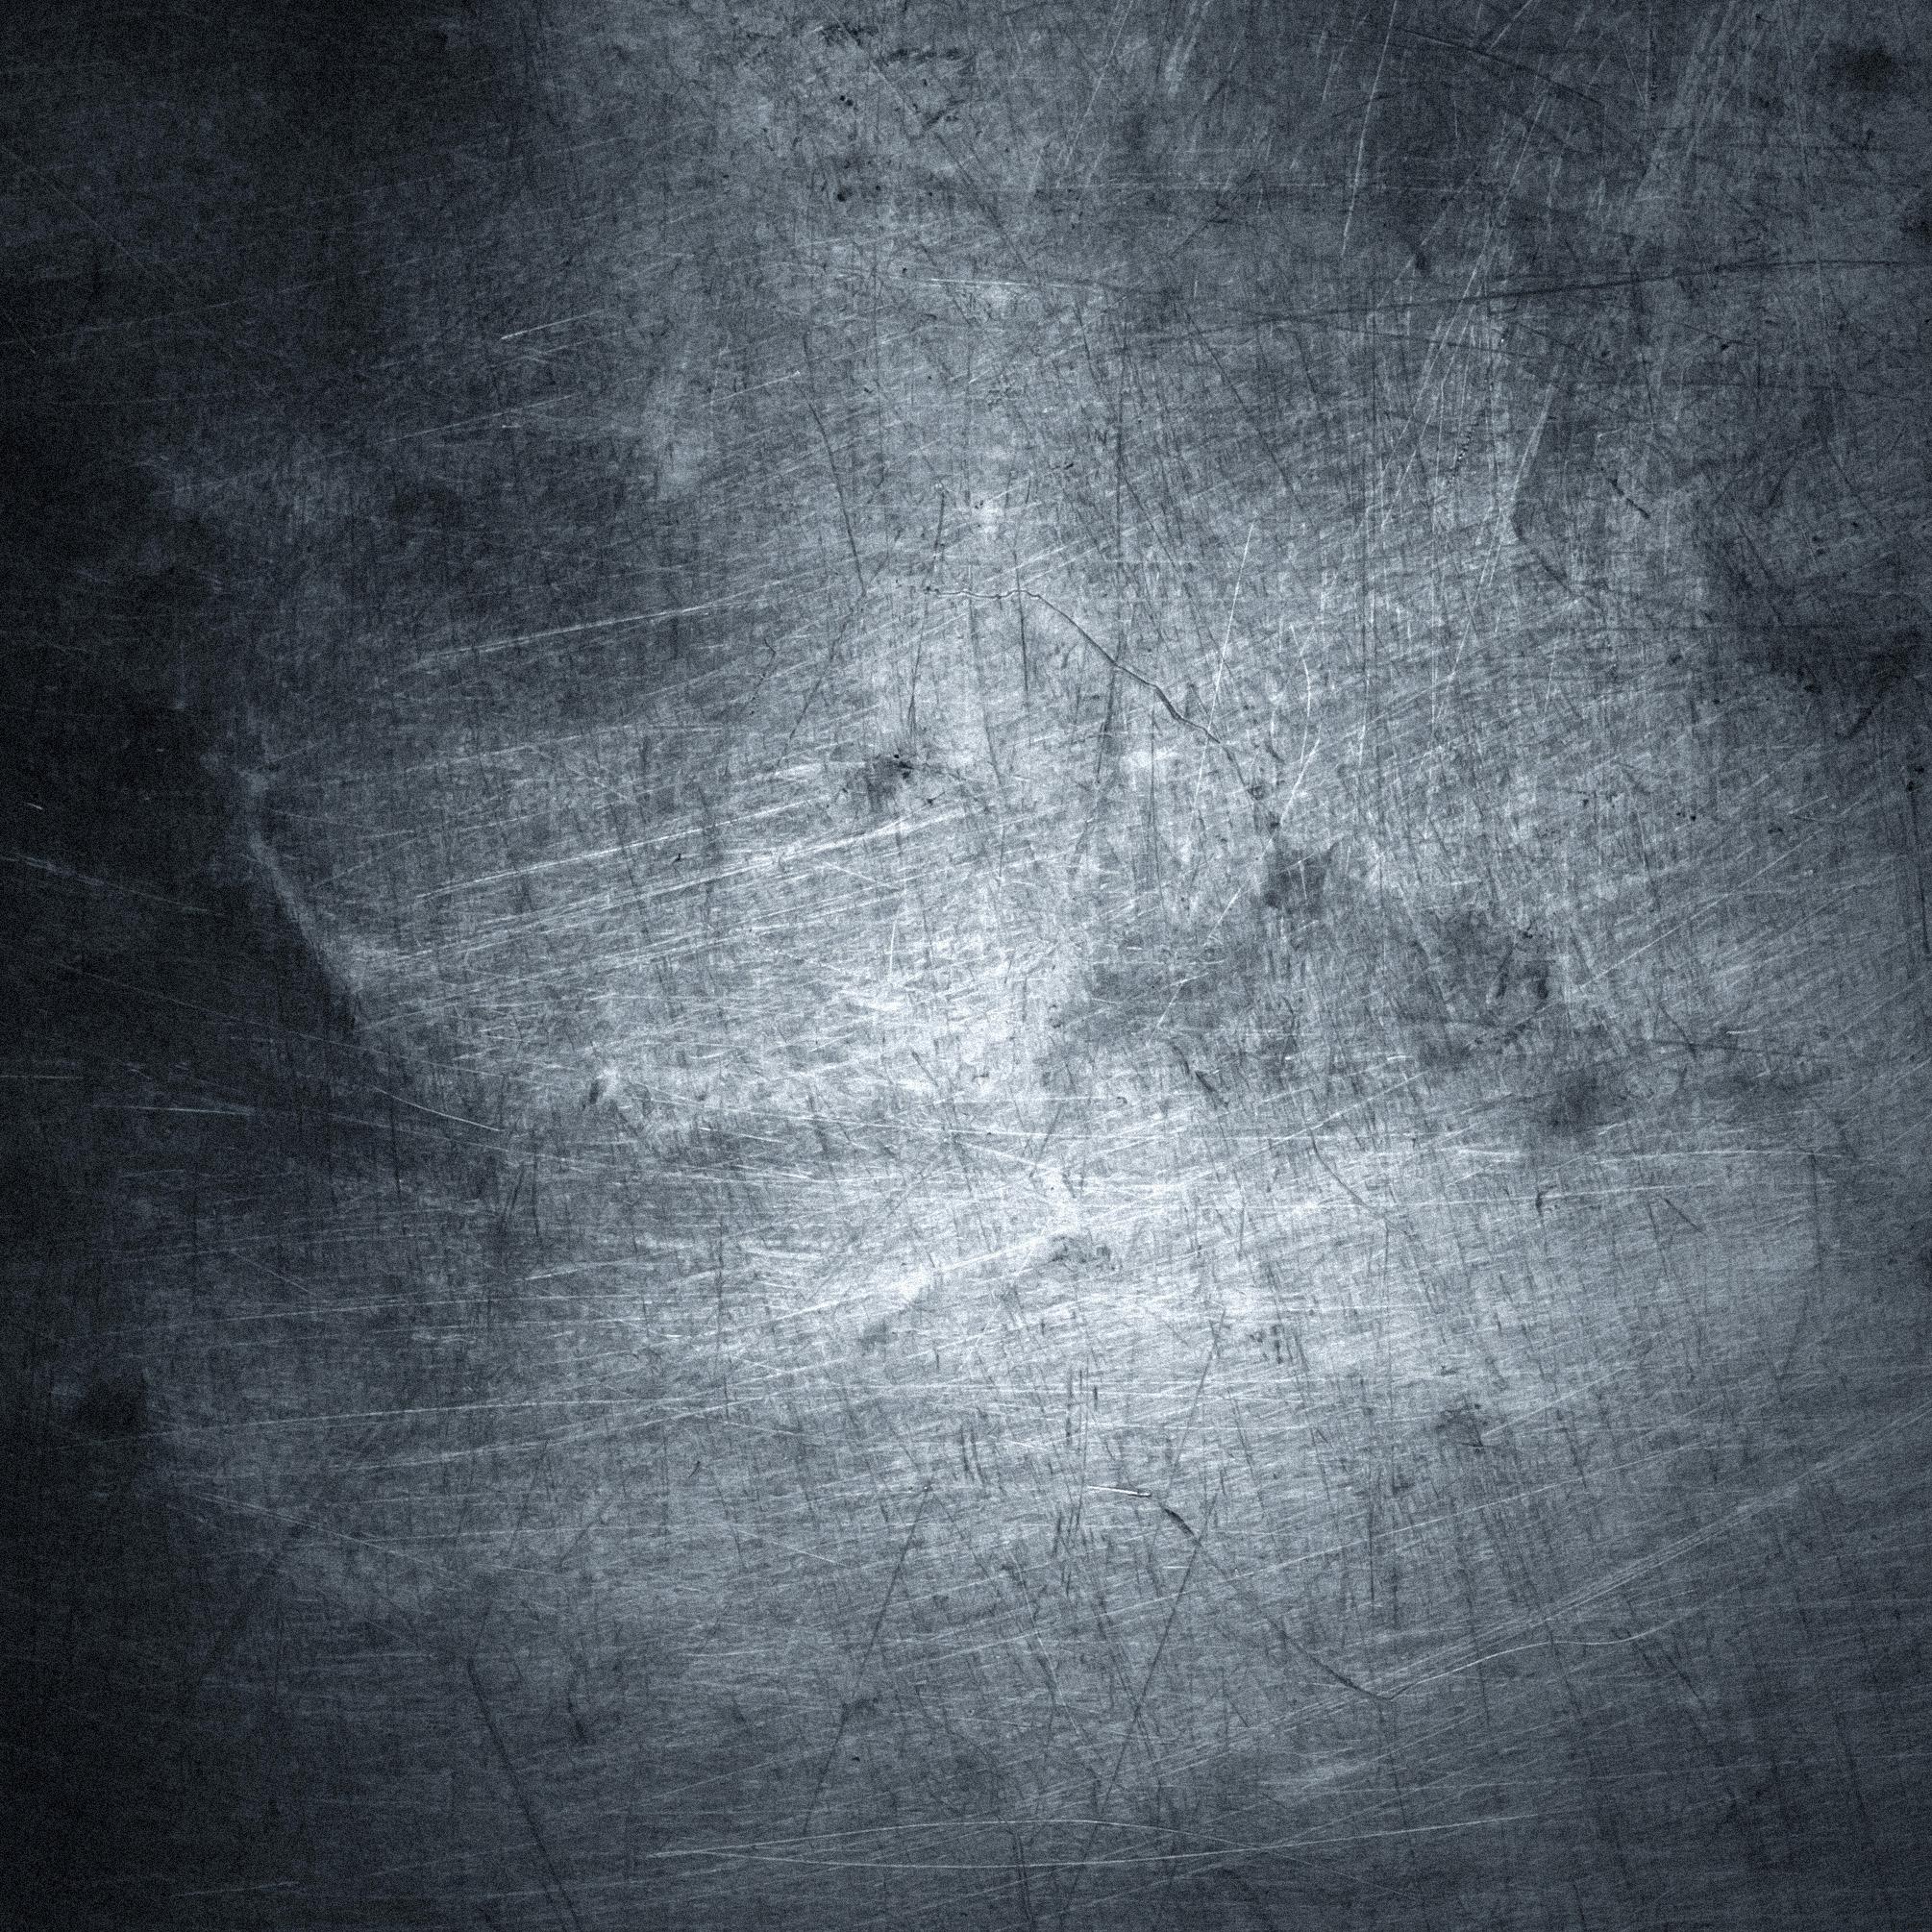 la mati u00e8re de texture de fond noir hd affiches sans bruit